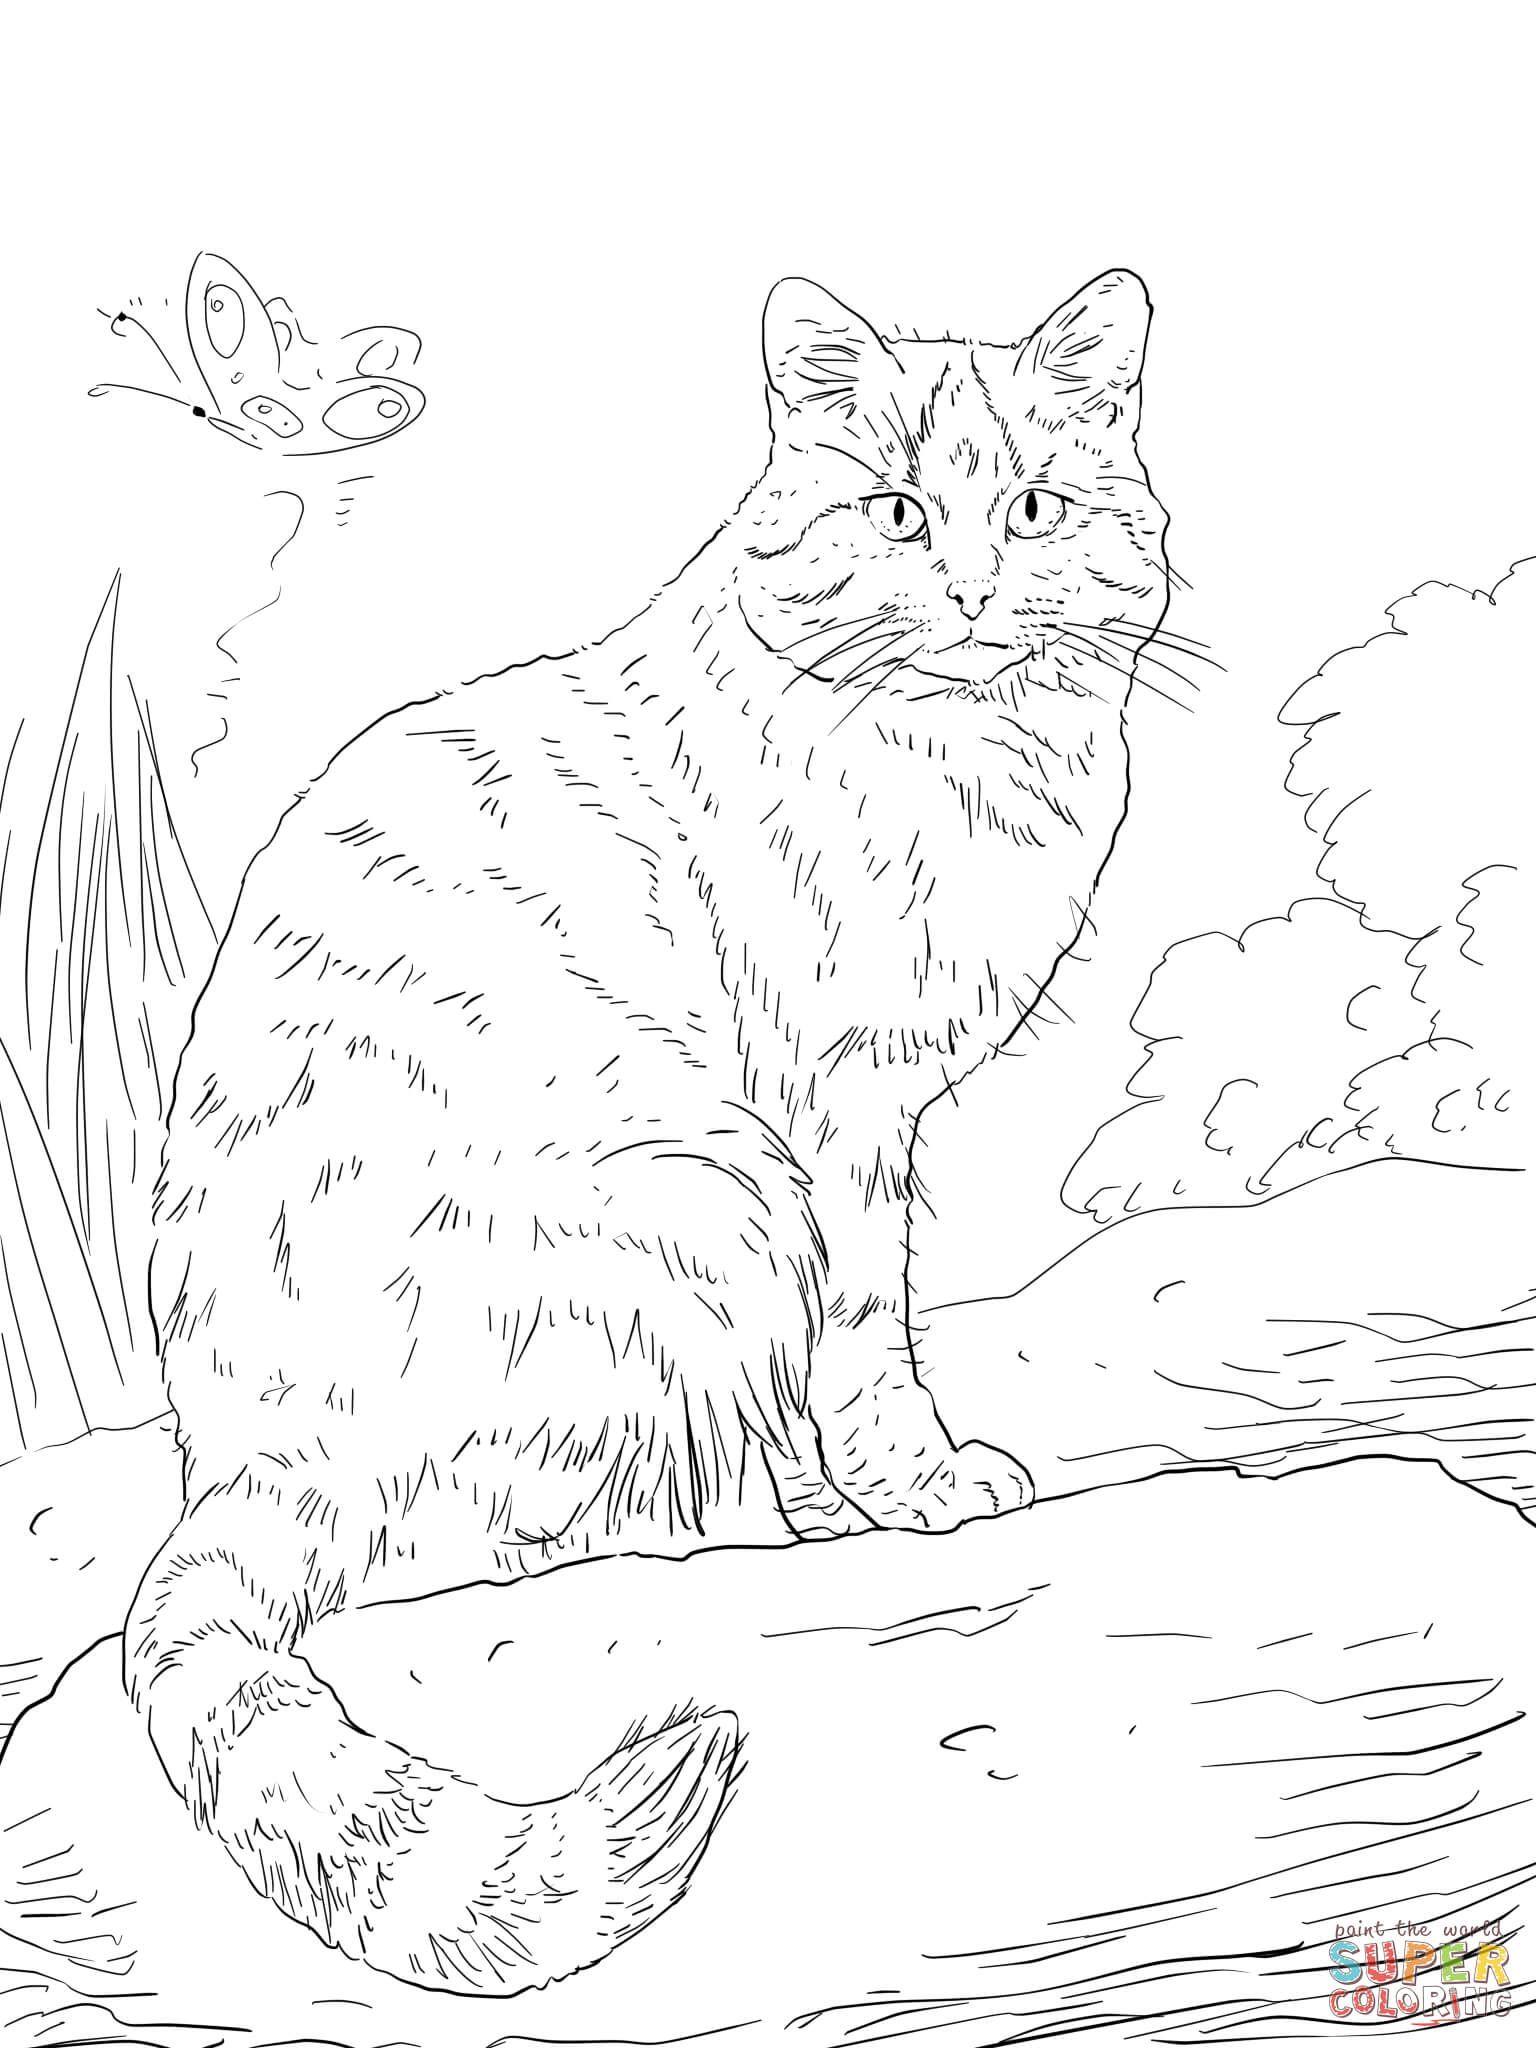 Malvorlage Gestreifte Katze - tiffanylovesbooks